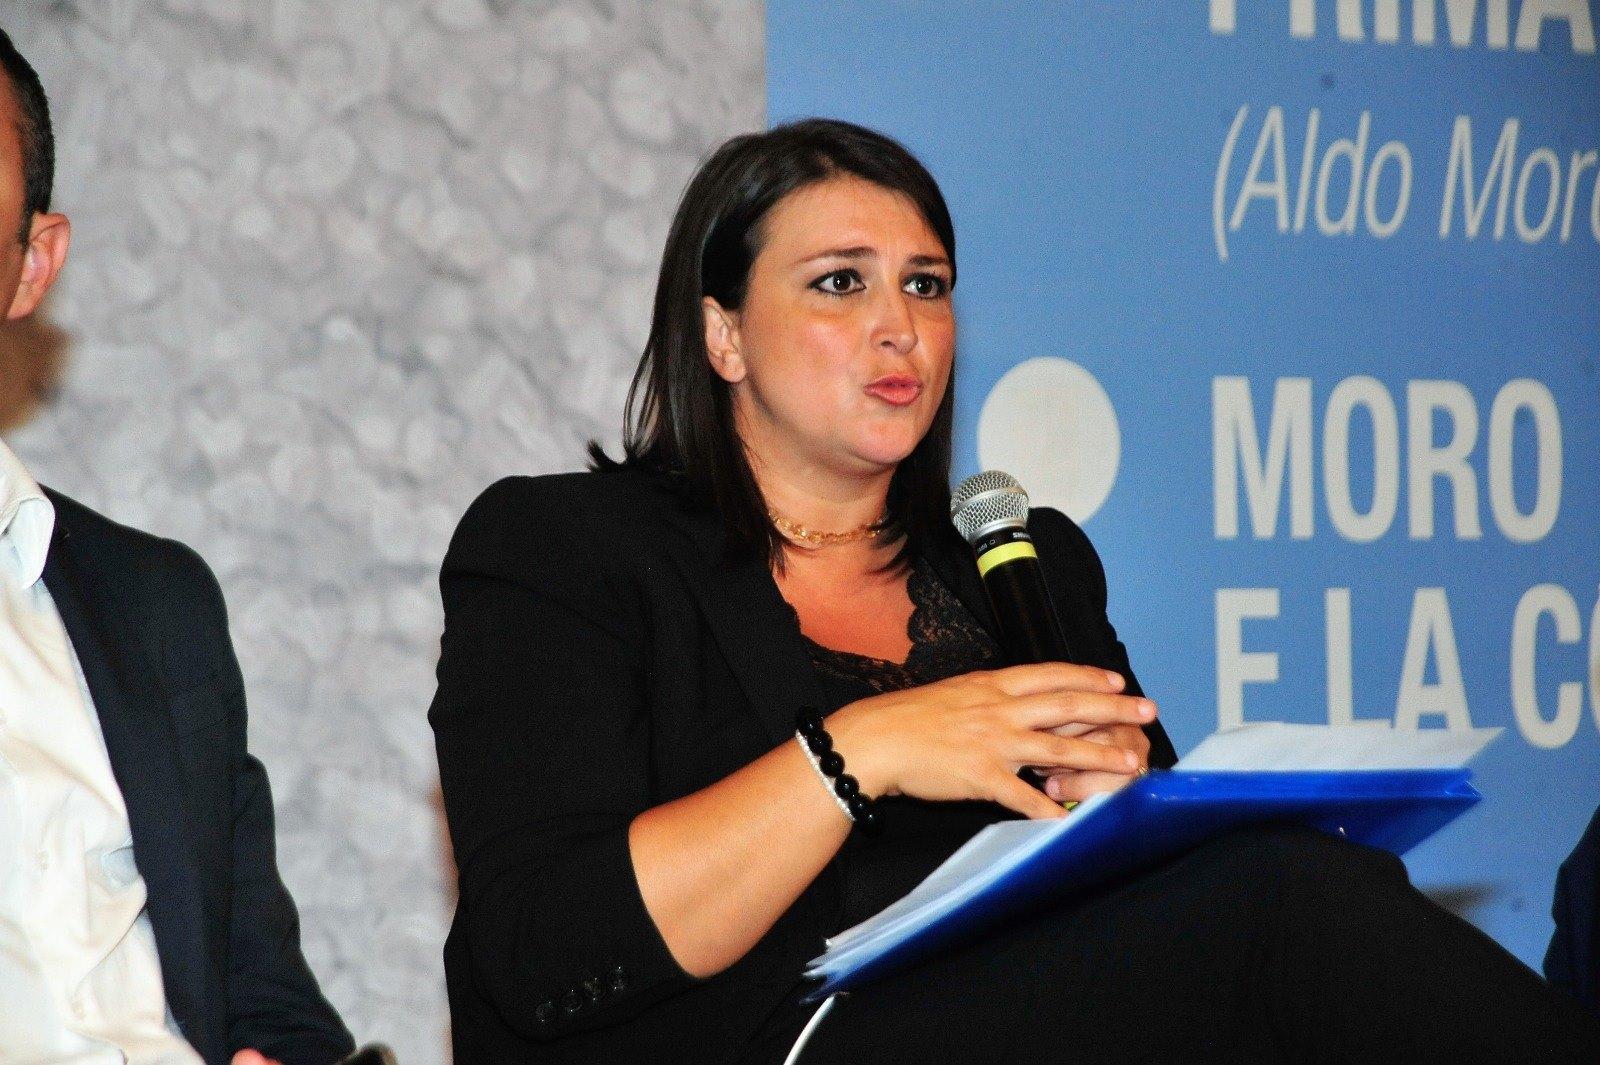 """Viterbo, Comune, Luisa Ciambella si dimette da capogruppo Pd: """"Ma resto nel partito, da riformista non potrei ritrovarmi altrove"""": entrano nel gruppo Serra, Quintarelli, Delle Monache"""